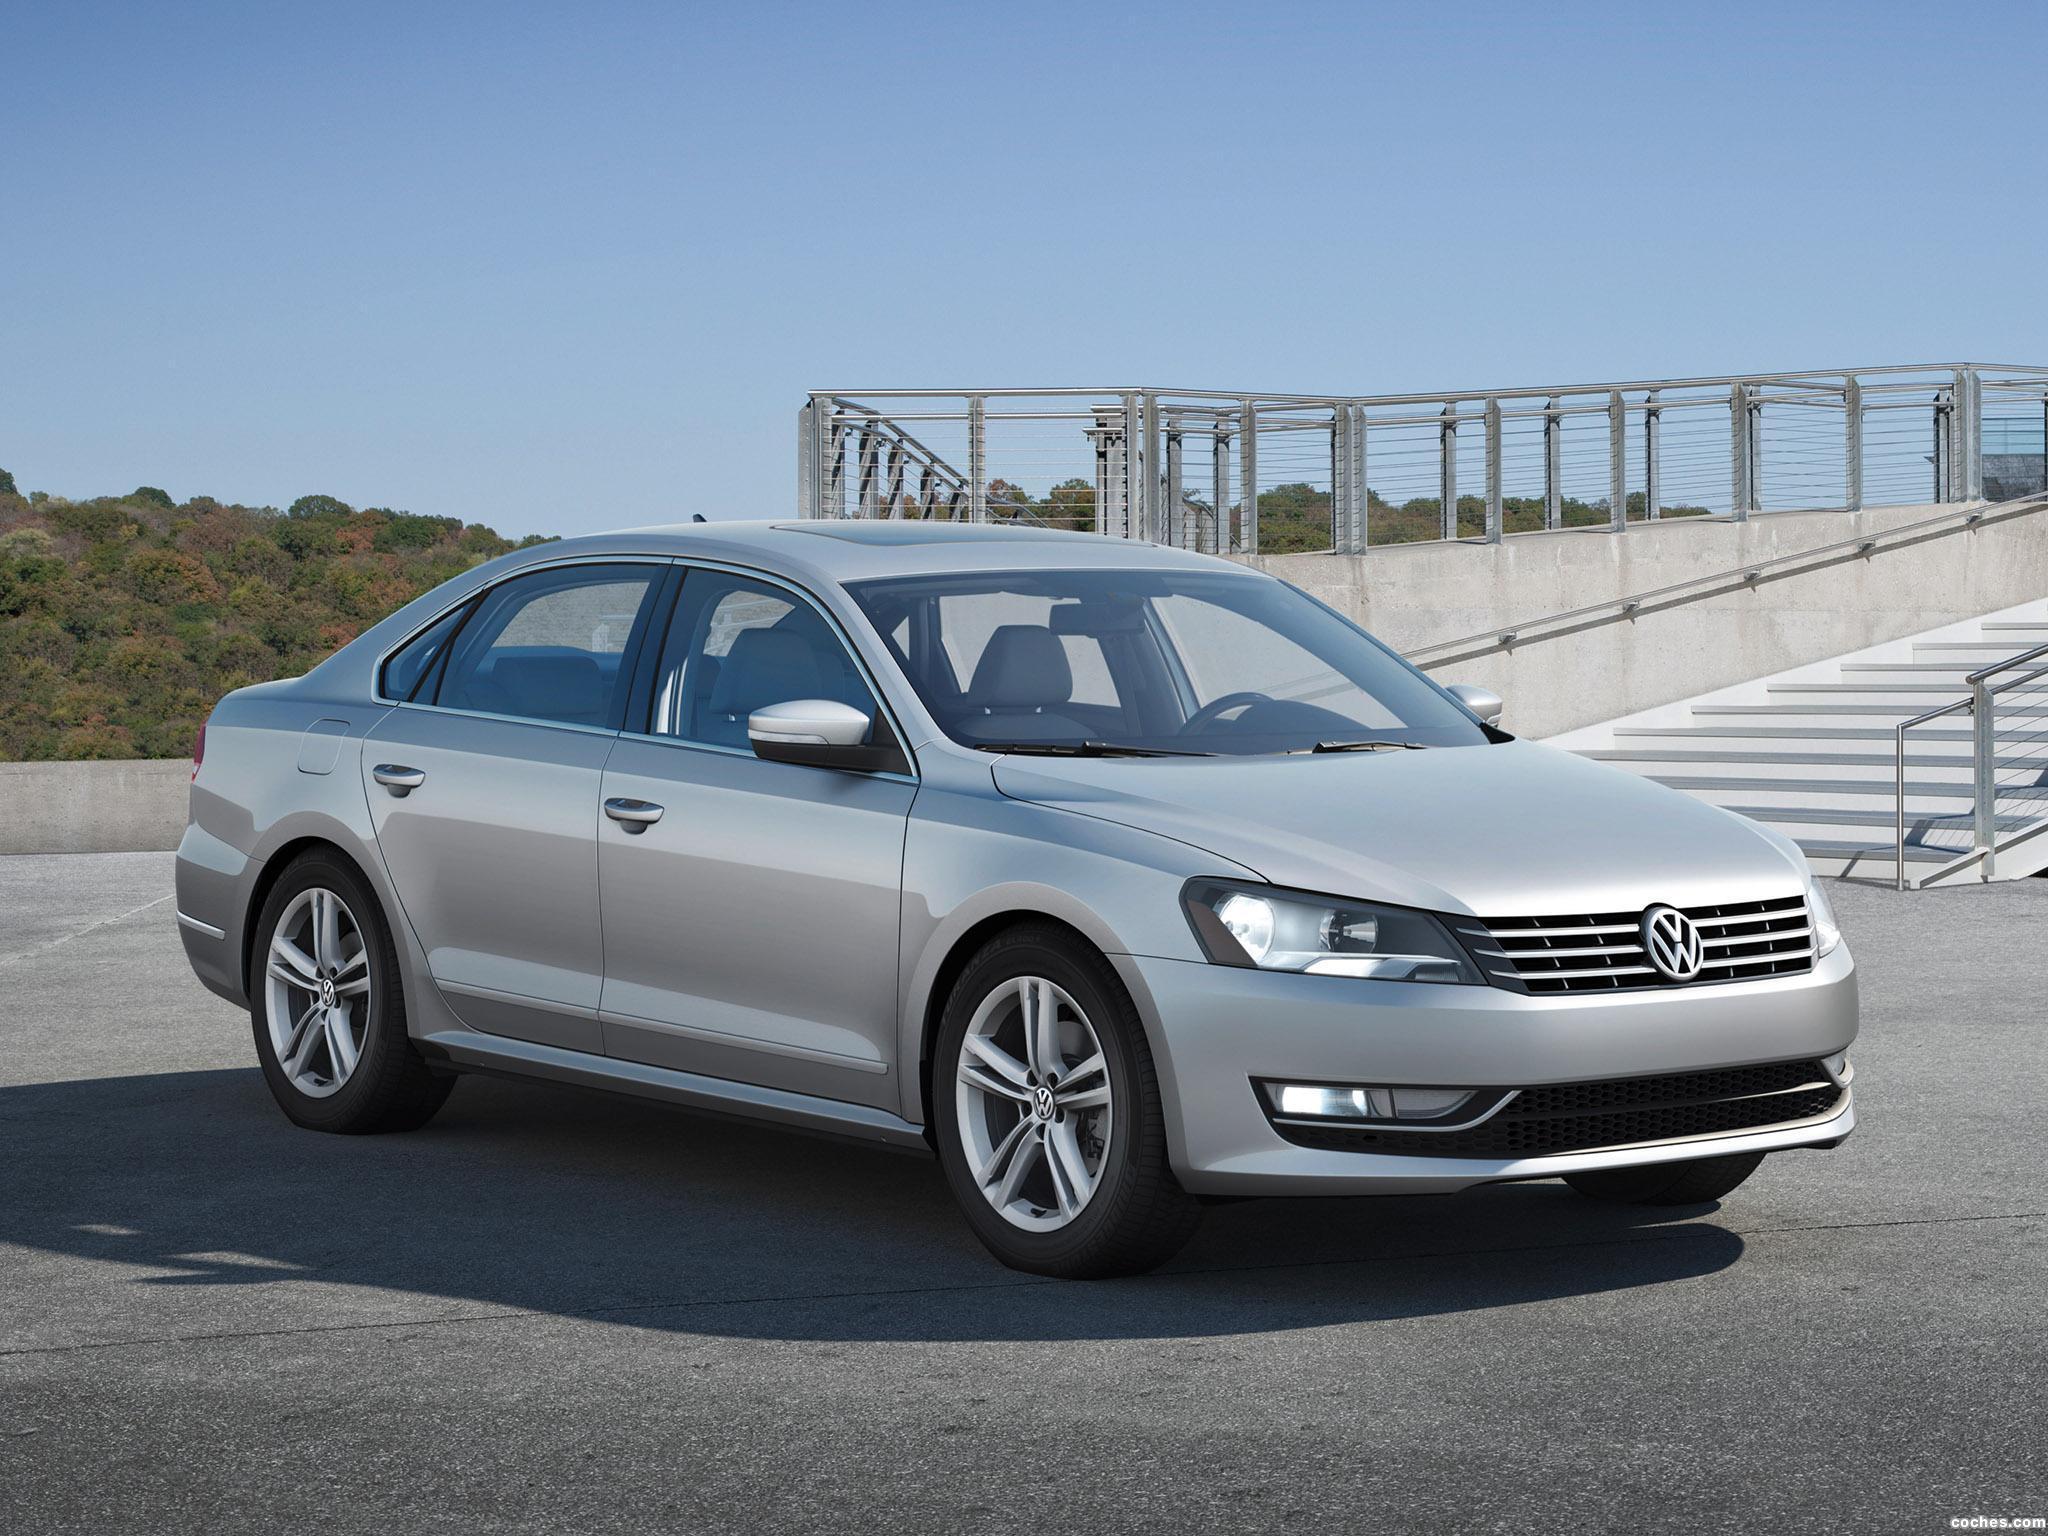 Foto 0 de Volkswagen Passat USA 2011